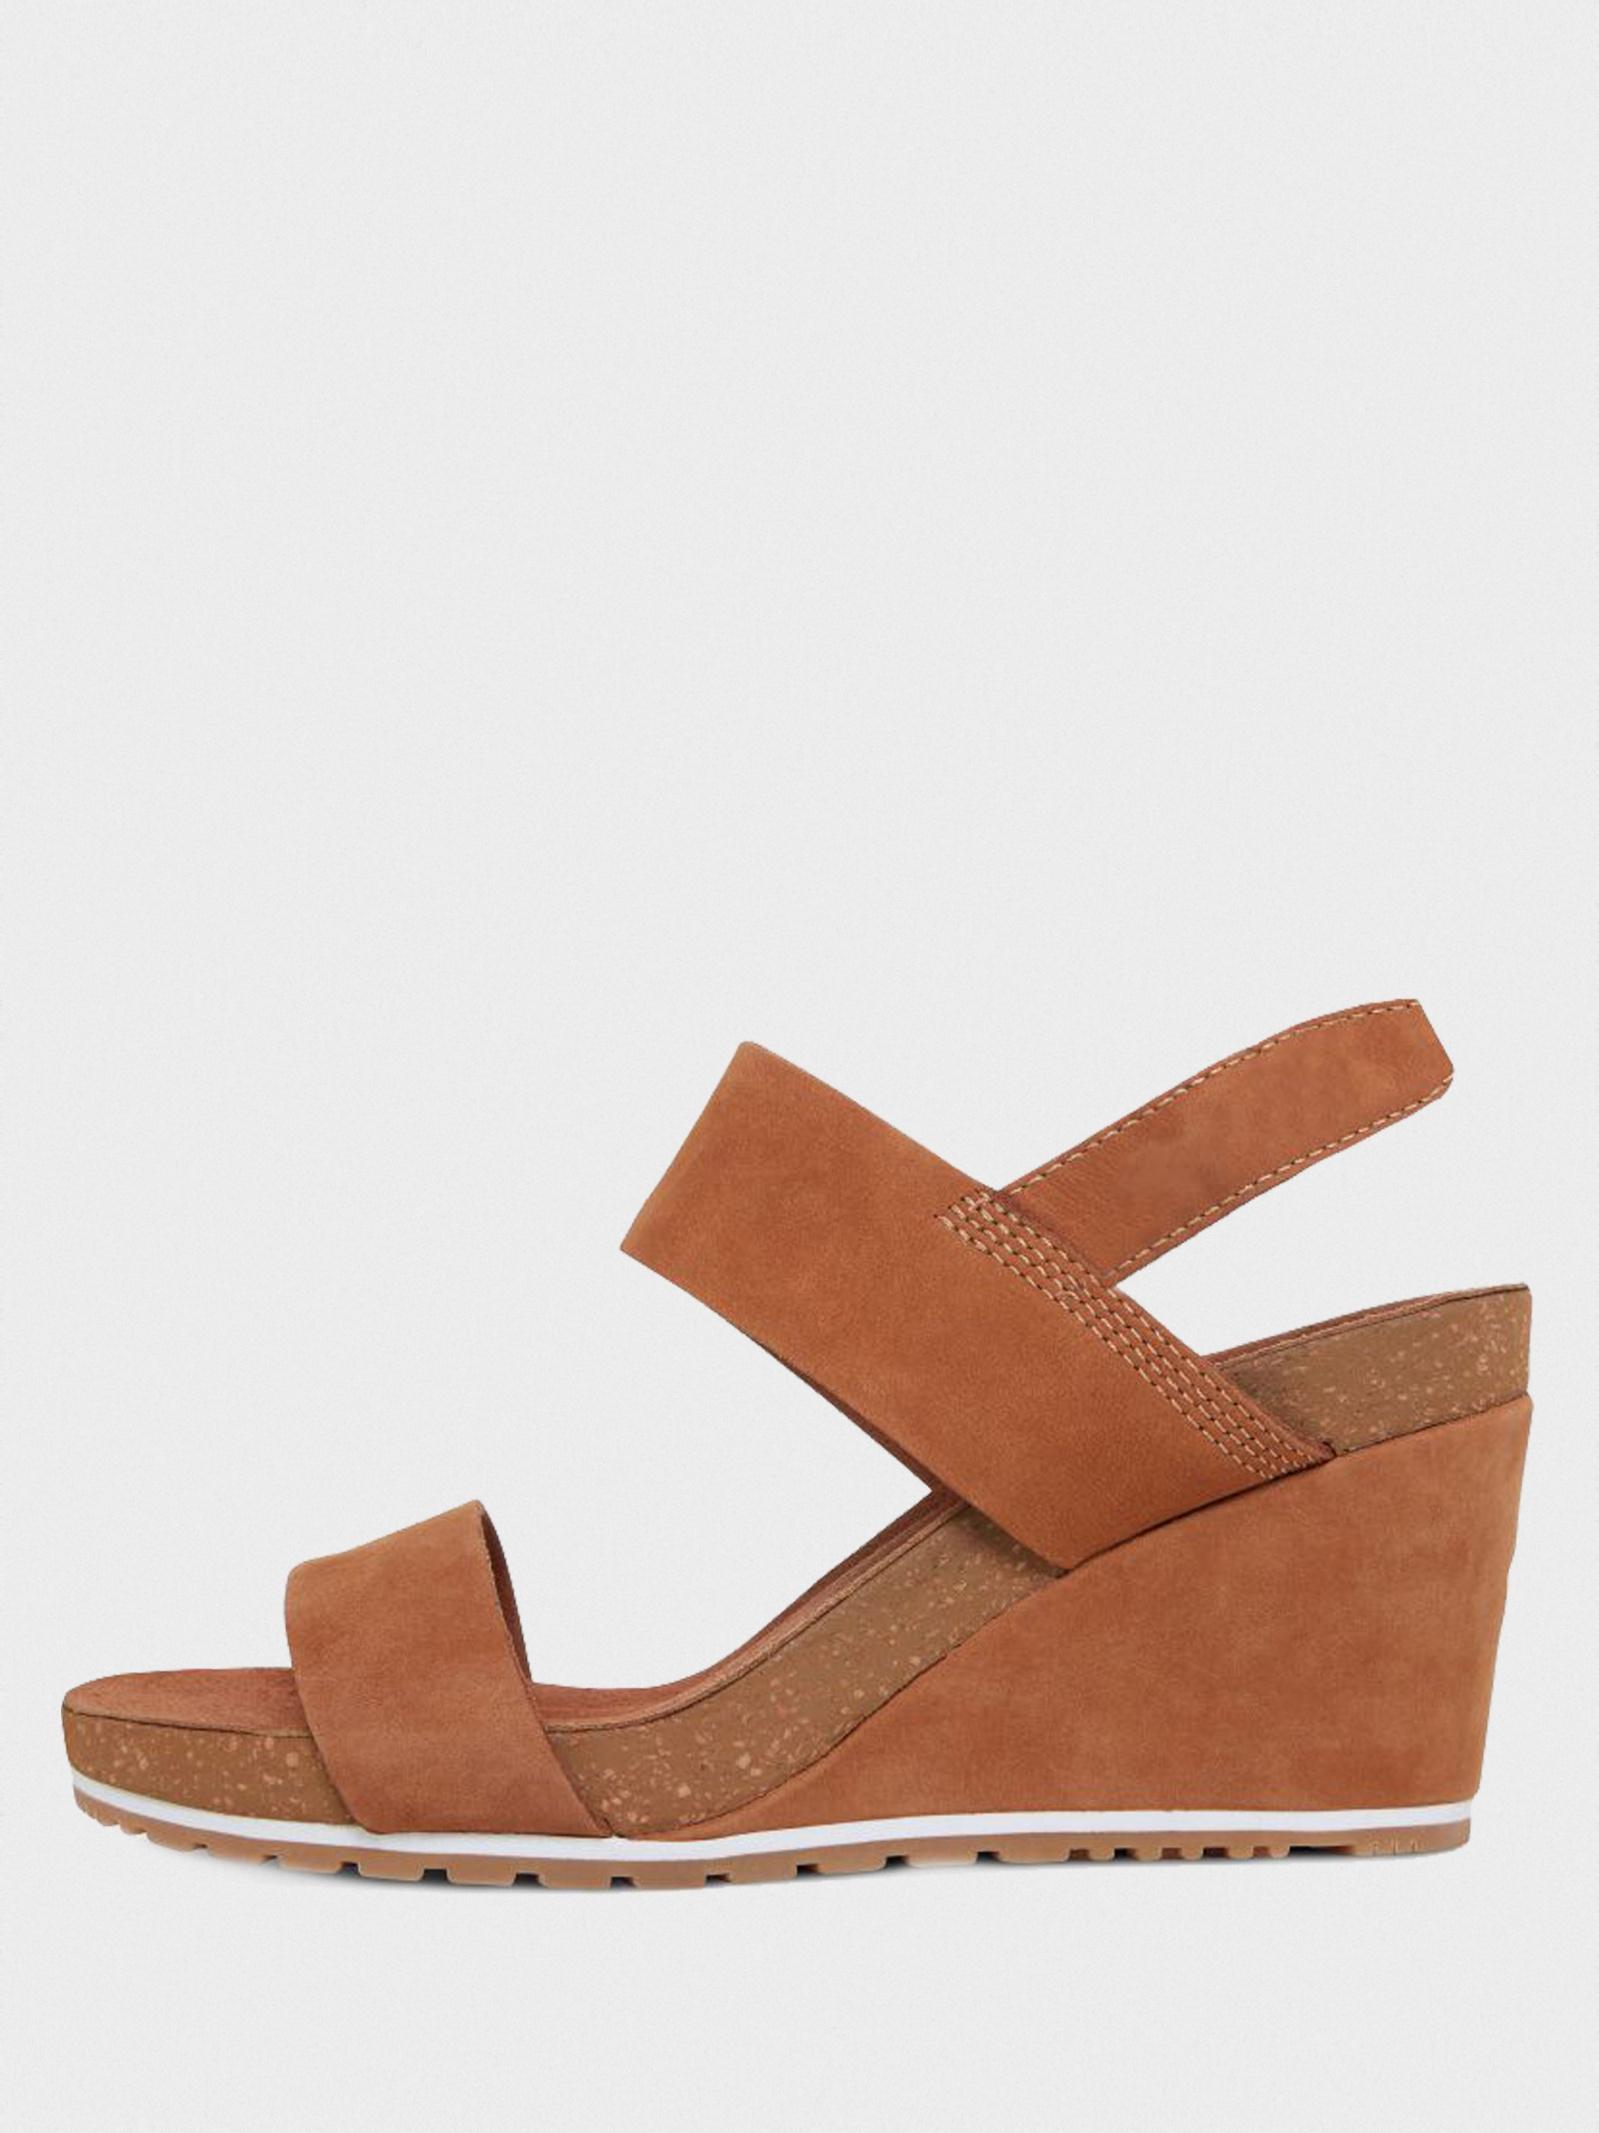 Босоножки женские Timberland Capri Sunset TB0A1PGVF13 брендовая обувь, 2017